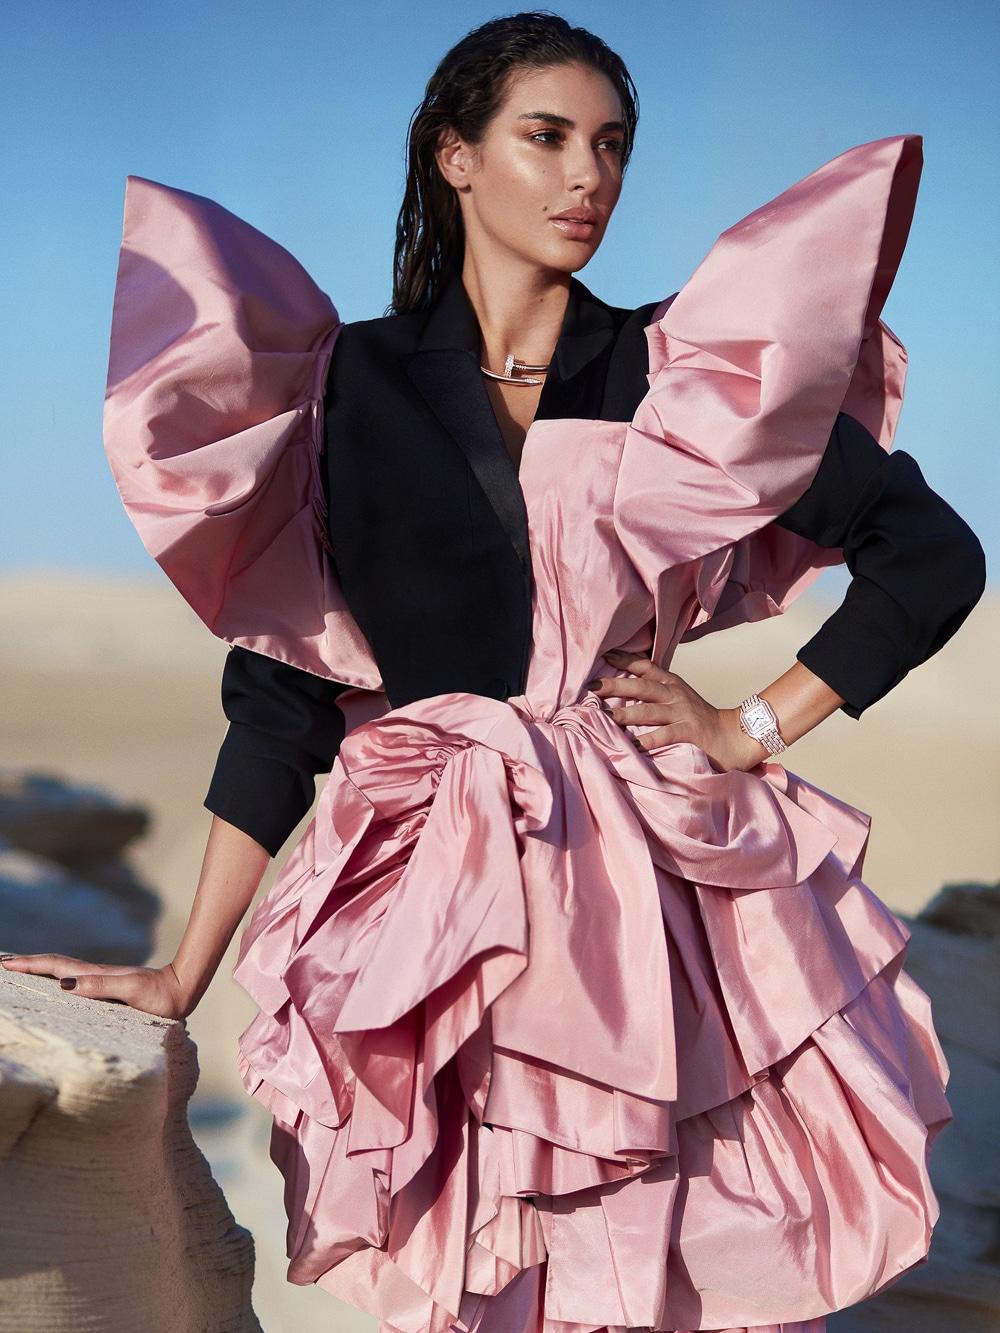 Greg-Swales-Harpers-Bazaar-Arabia-Yasmine-Sabri-7-1.jpg